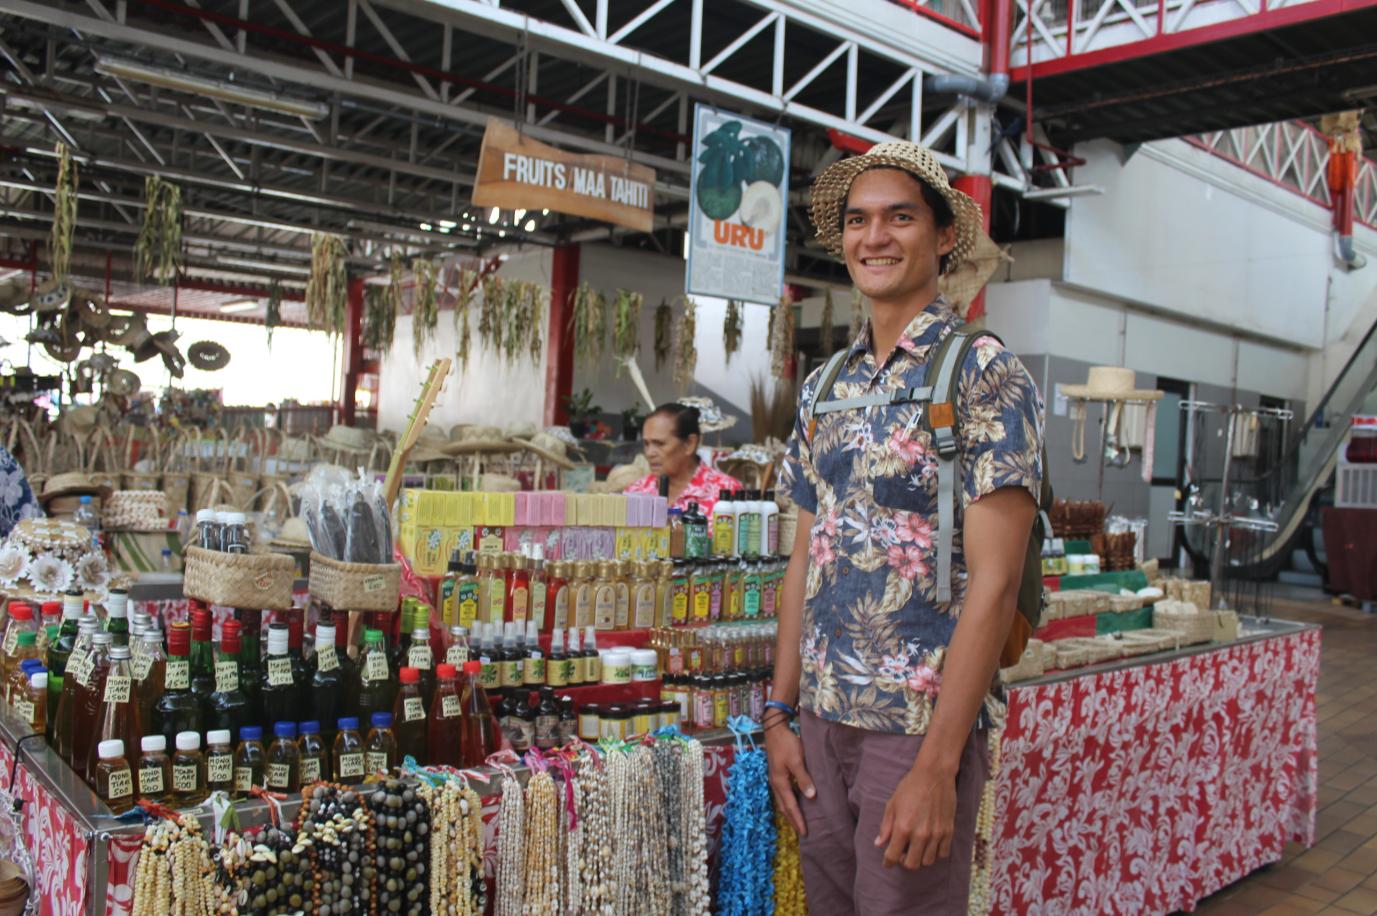 Tunui de Vals a lancé un site de vente de produits issus de l'artisanat polynésien.